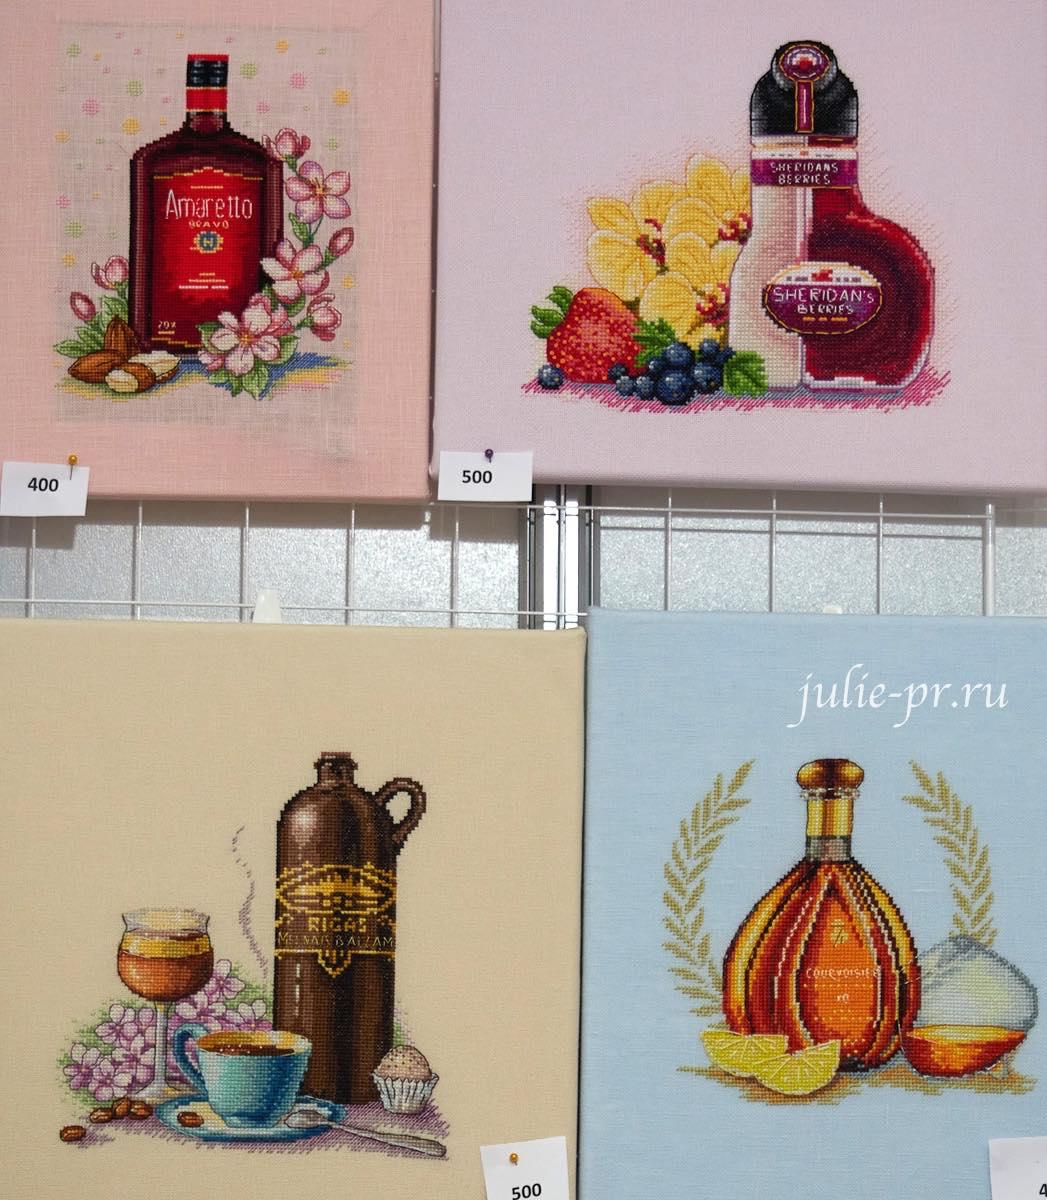 вышивка крестом, Светлана Прокопец, Сделано с любовью, выставка вышивки, Формула рукоделия весна 2021